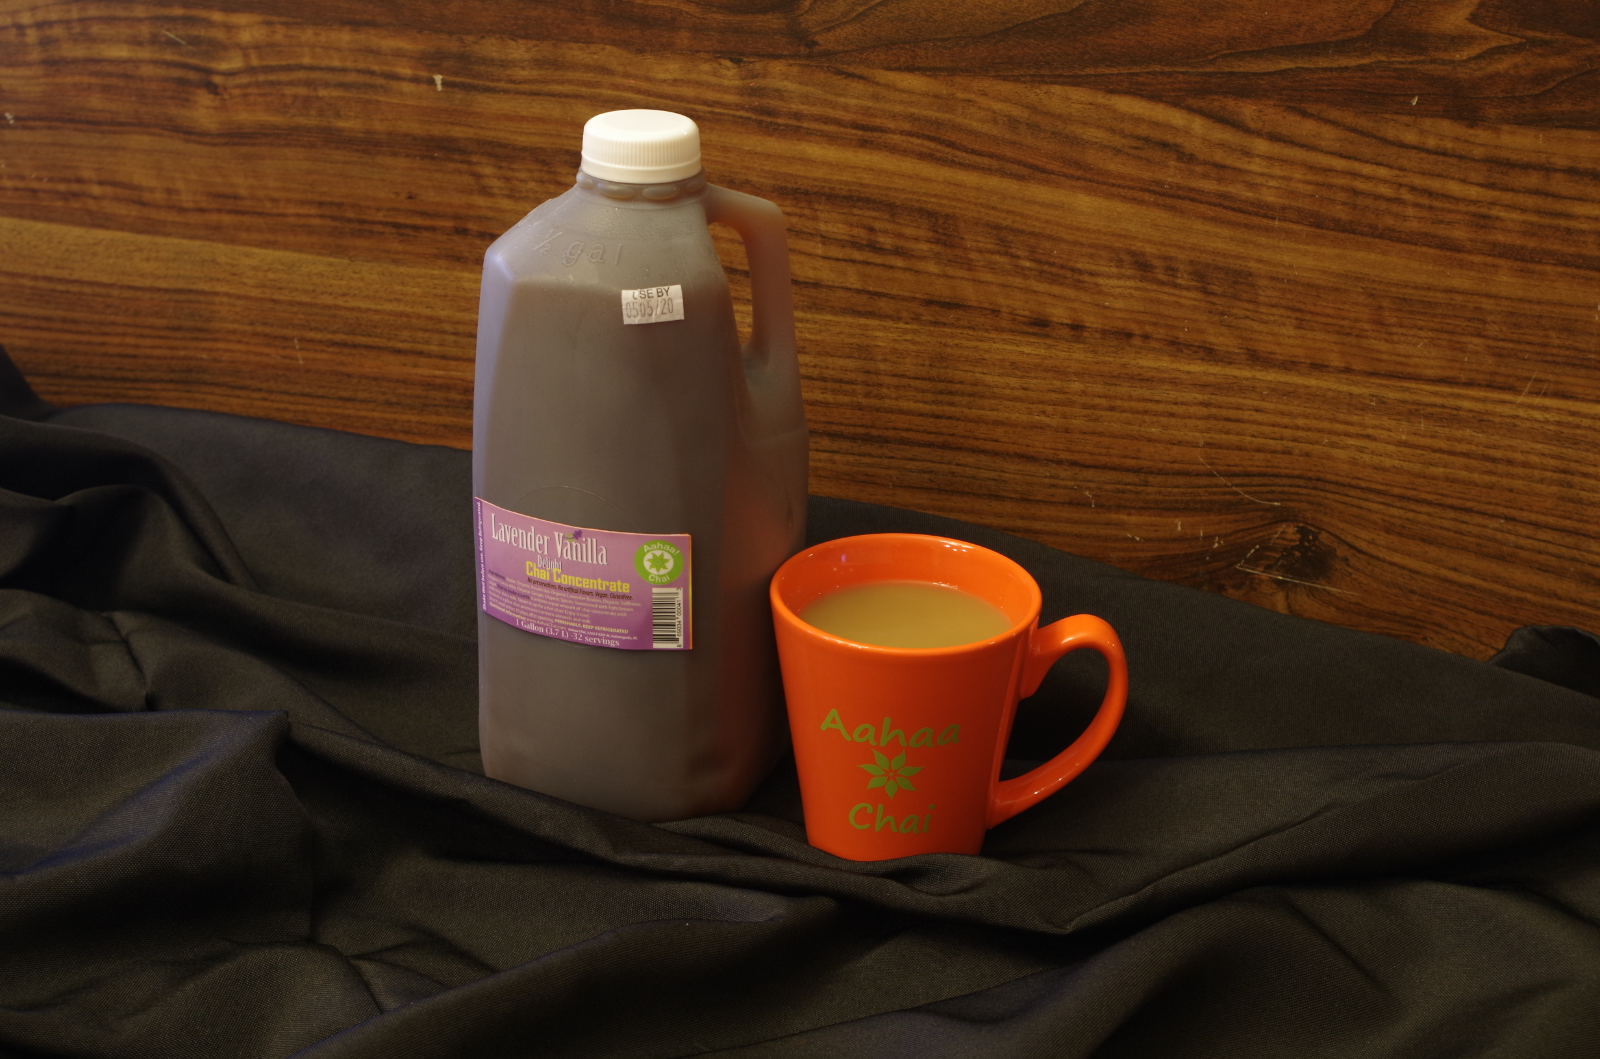 lavender-vanilla-delight-chai-concentrate-64-oz-17l-unsweetened